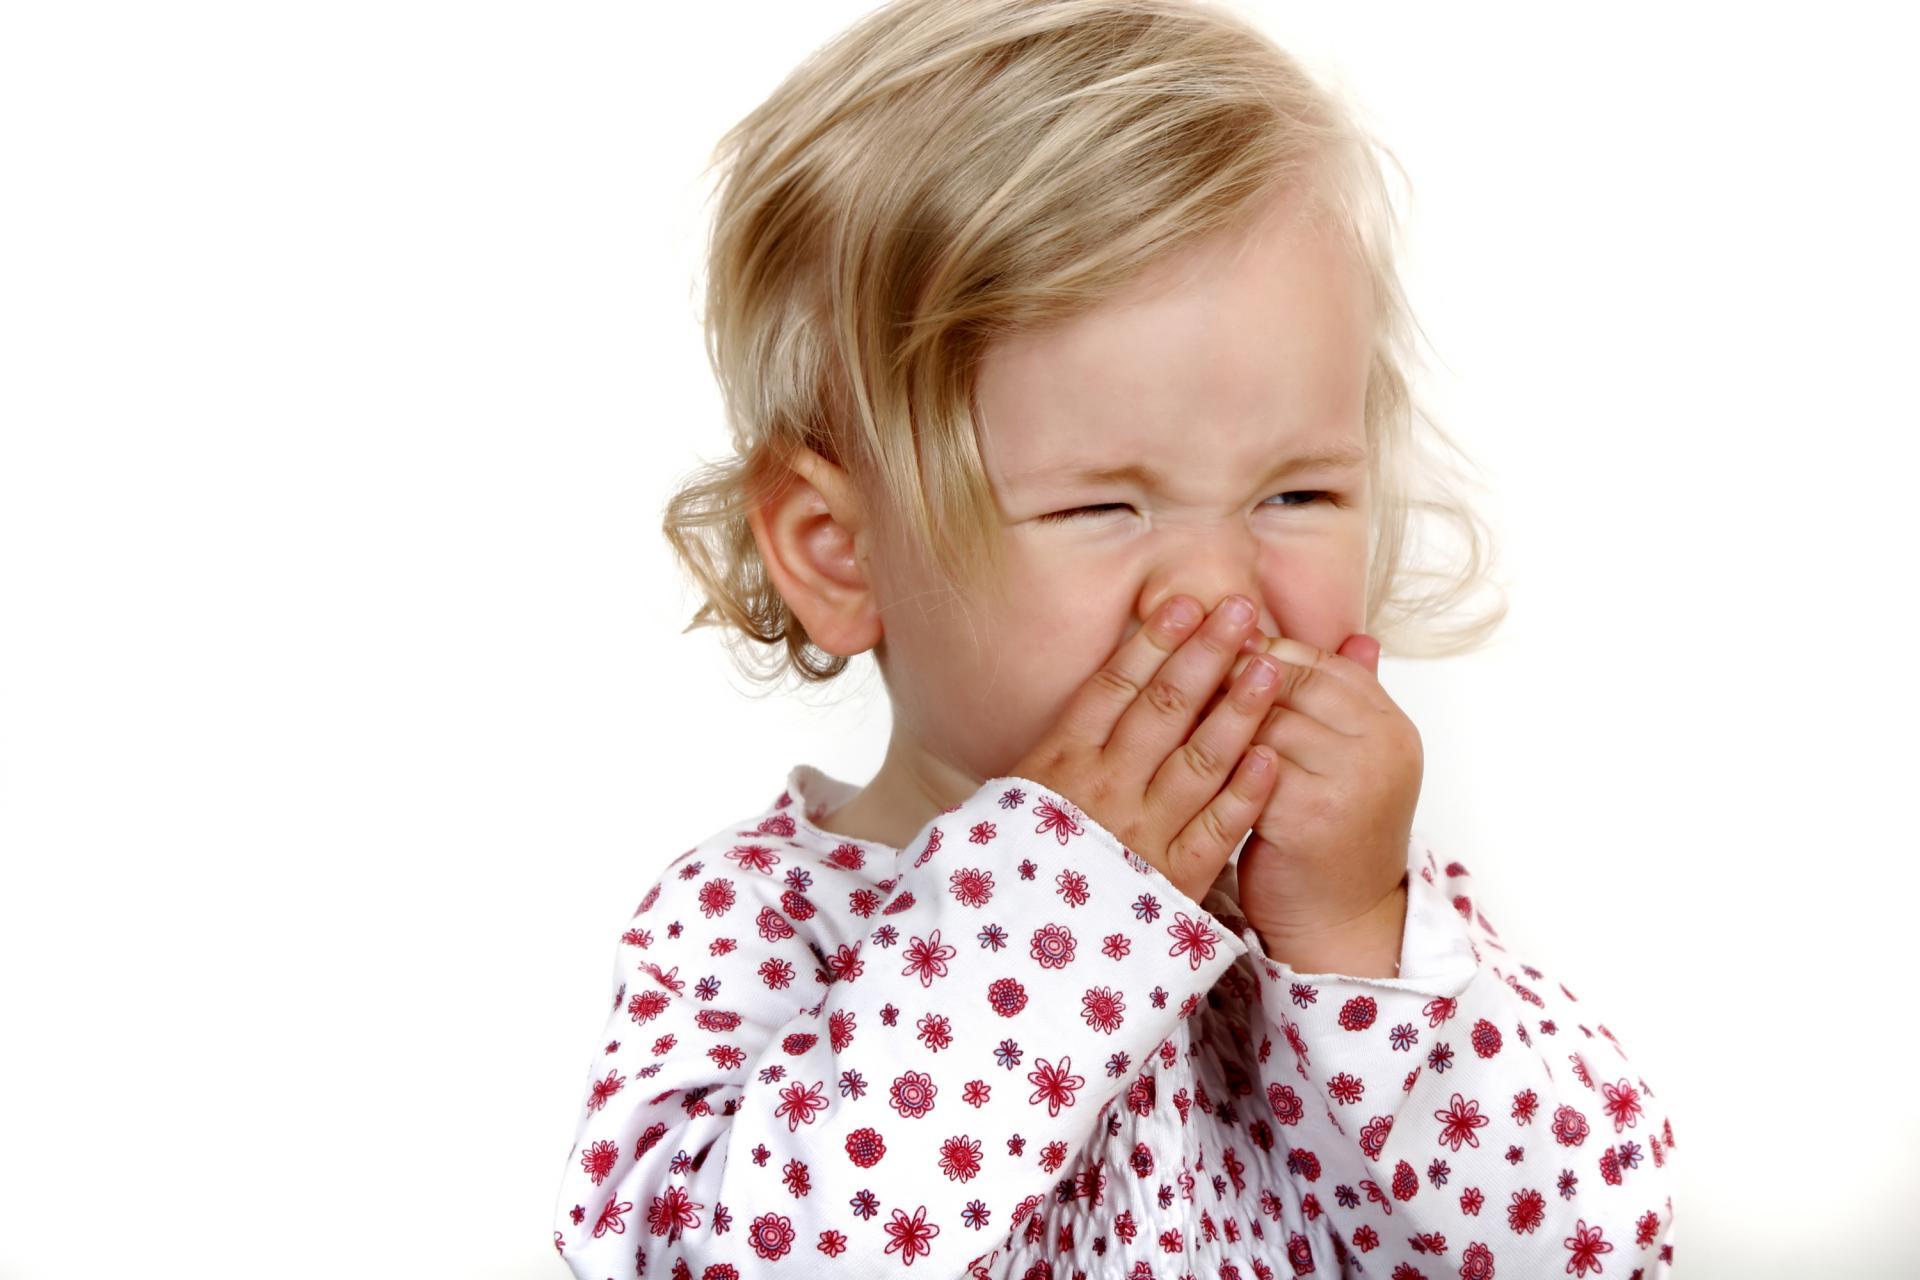 Симптомы и диагностика аллергии у детей разного возраста